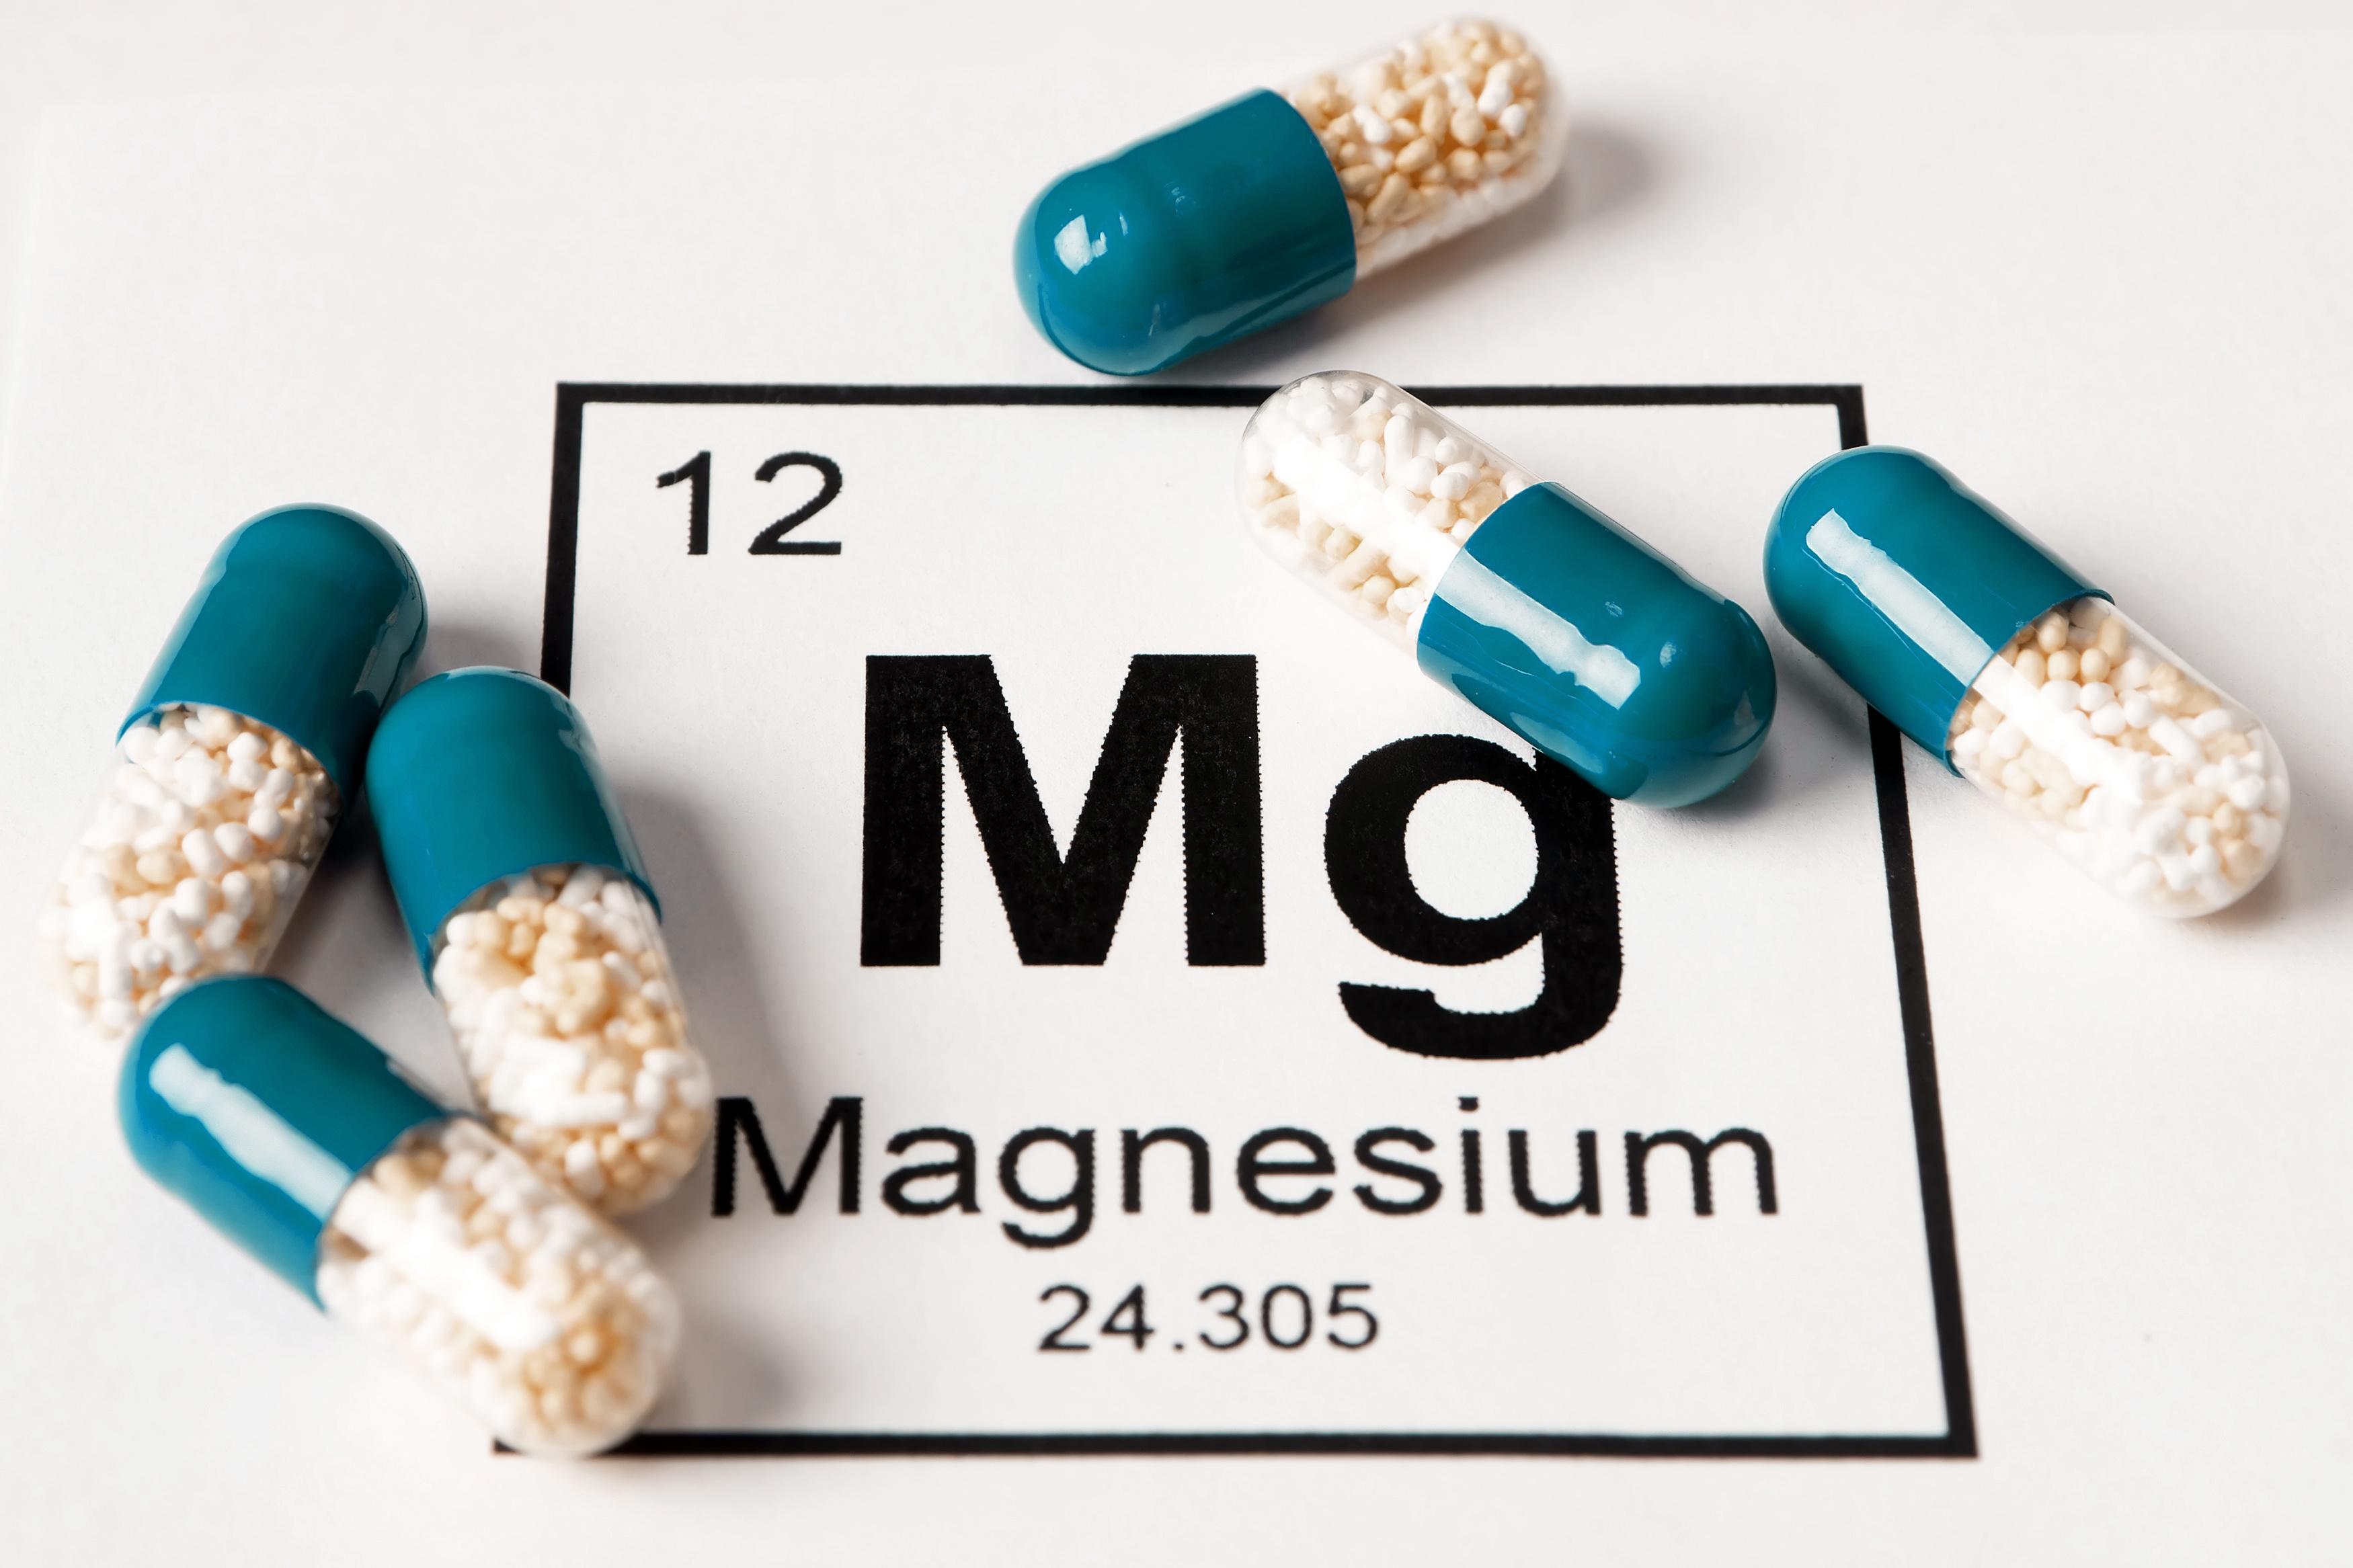 Článků o využitelnosti magnesia bylo již mnoho! Víte ale kolik elementárního magnesia skutečně doplňujete?